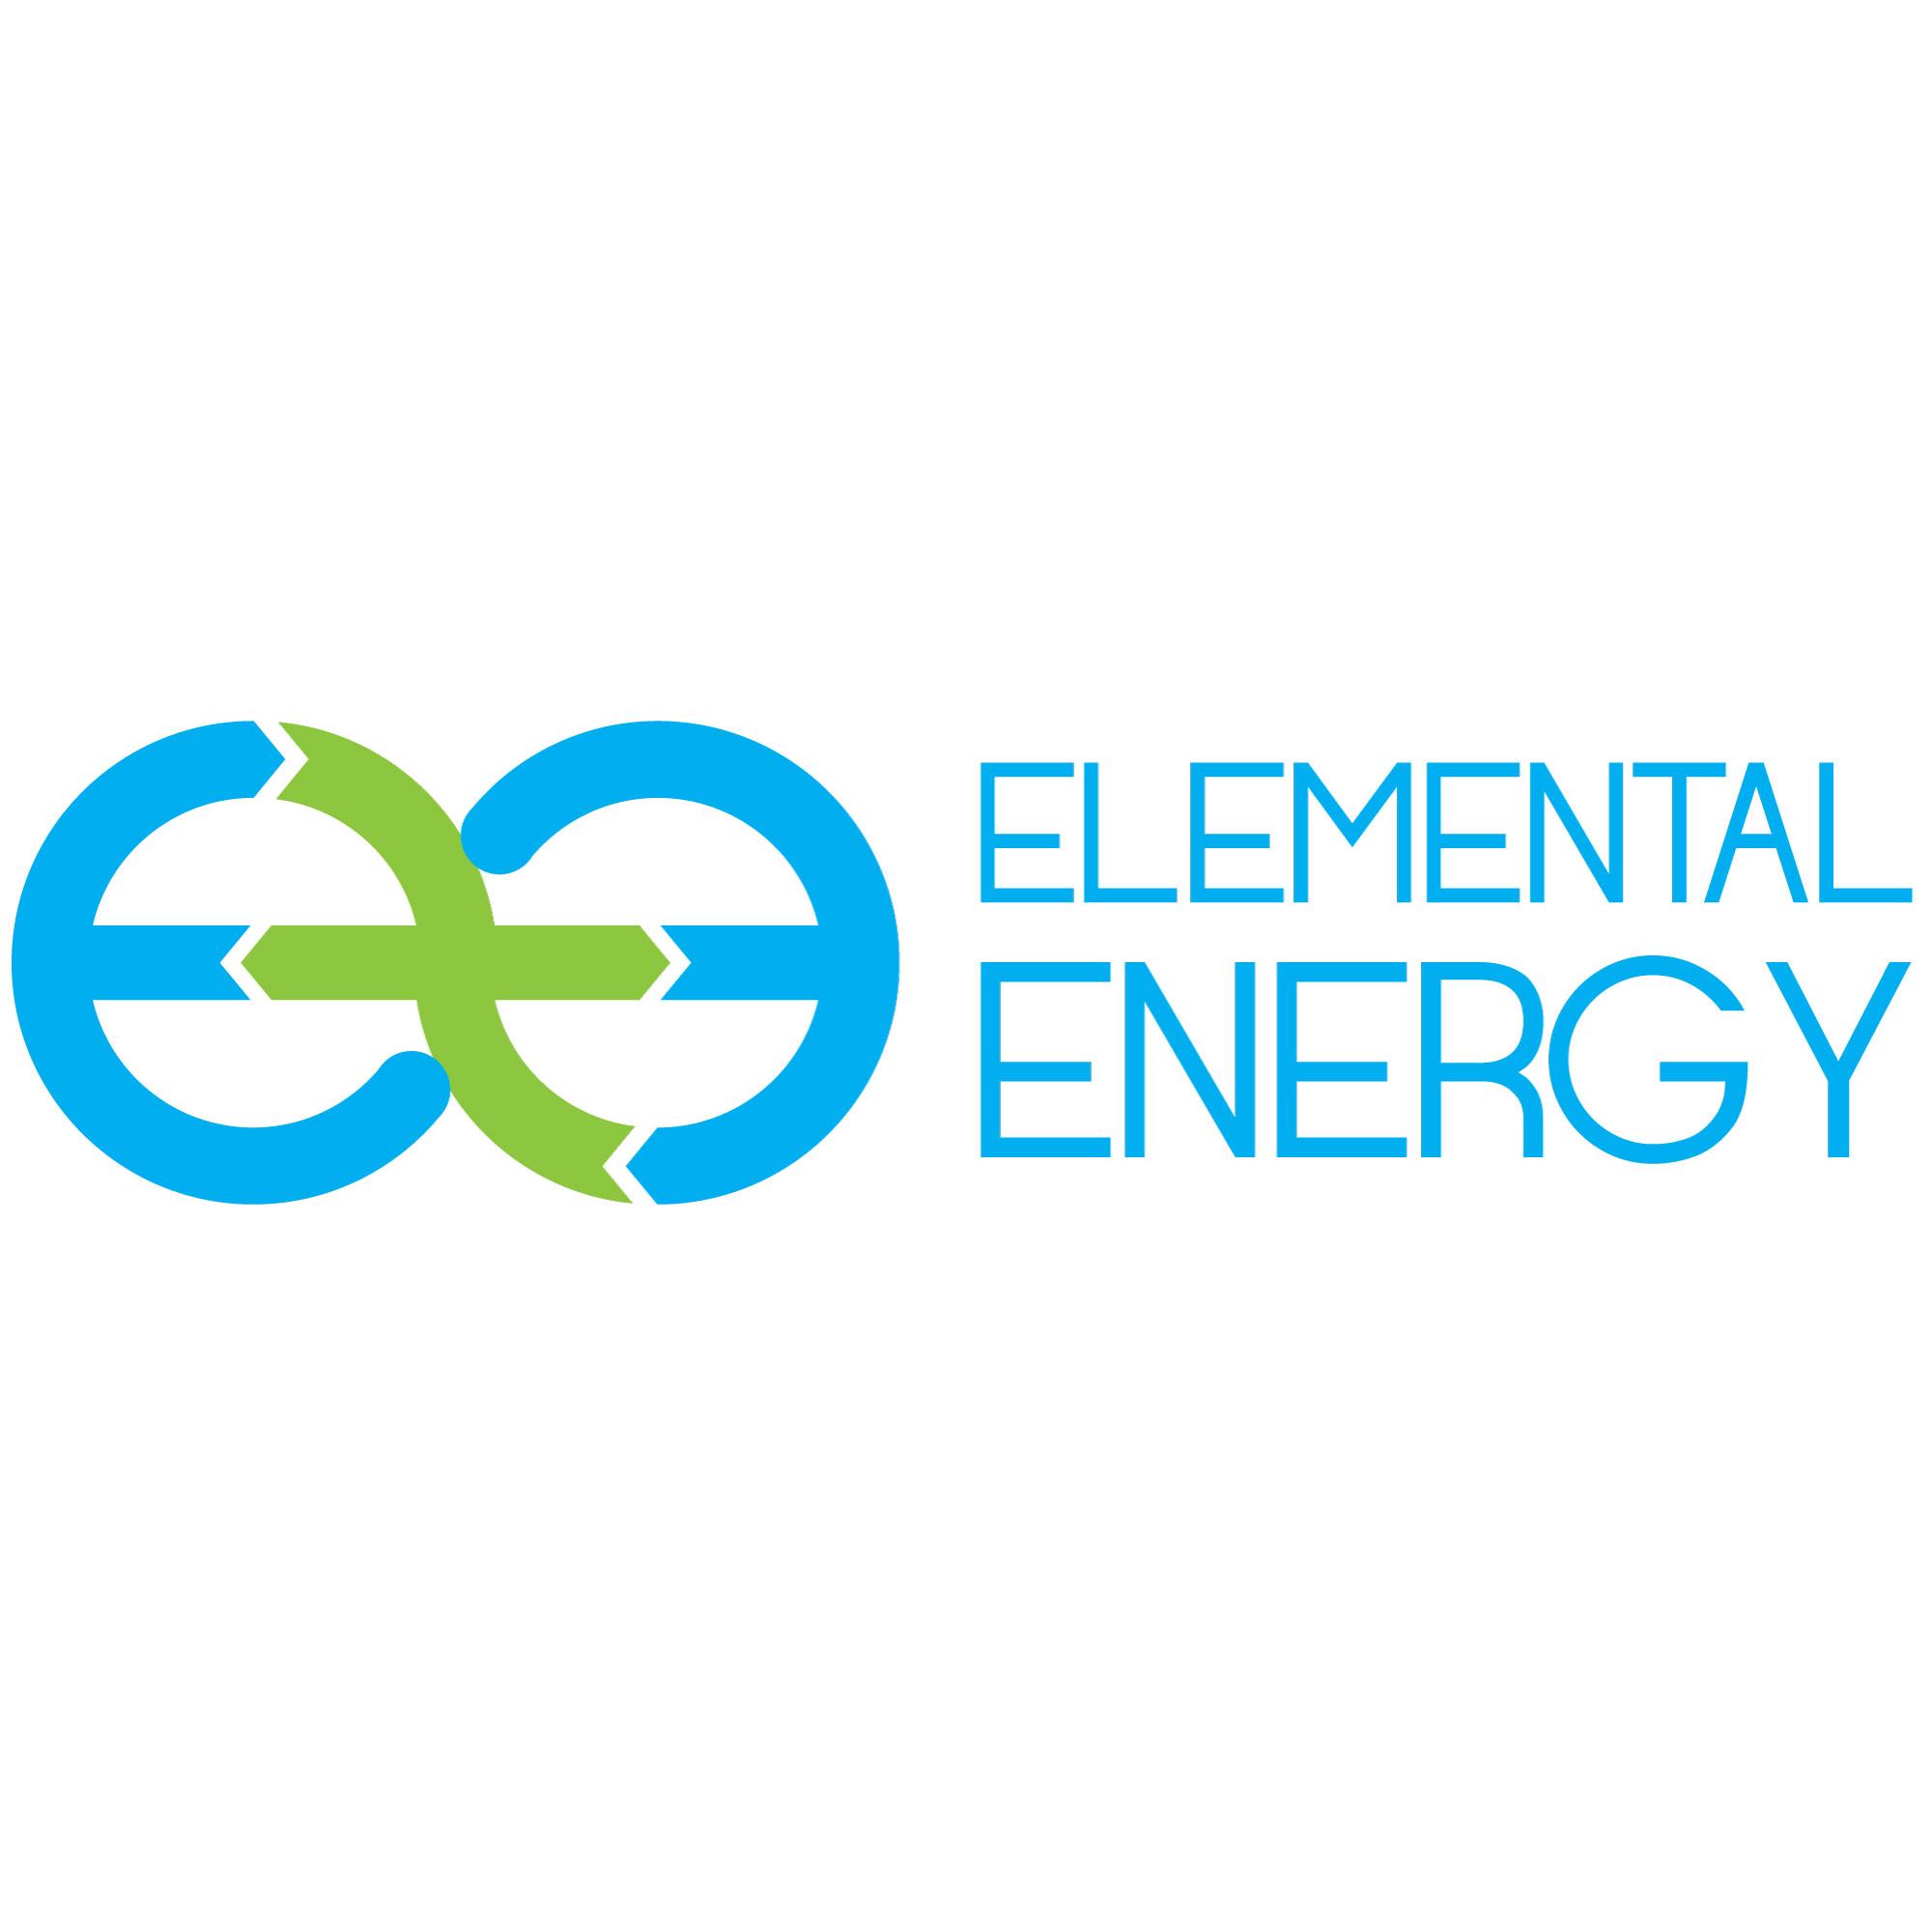 Elemental Energy - Twende Solar - 25kW Solar PV Installation - Portland Rescue Mission